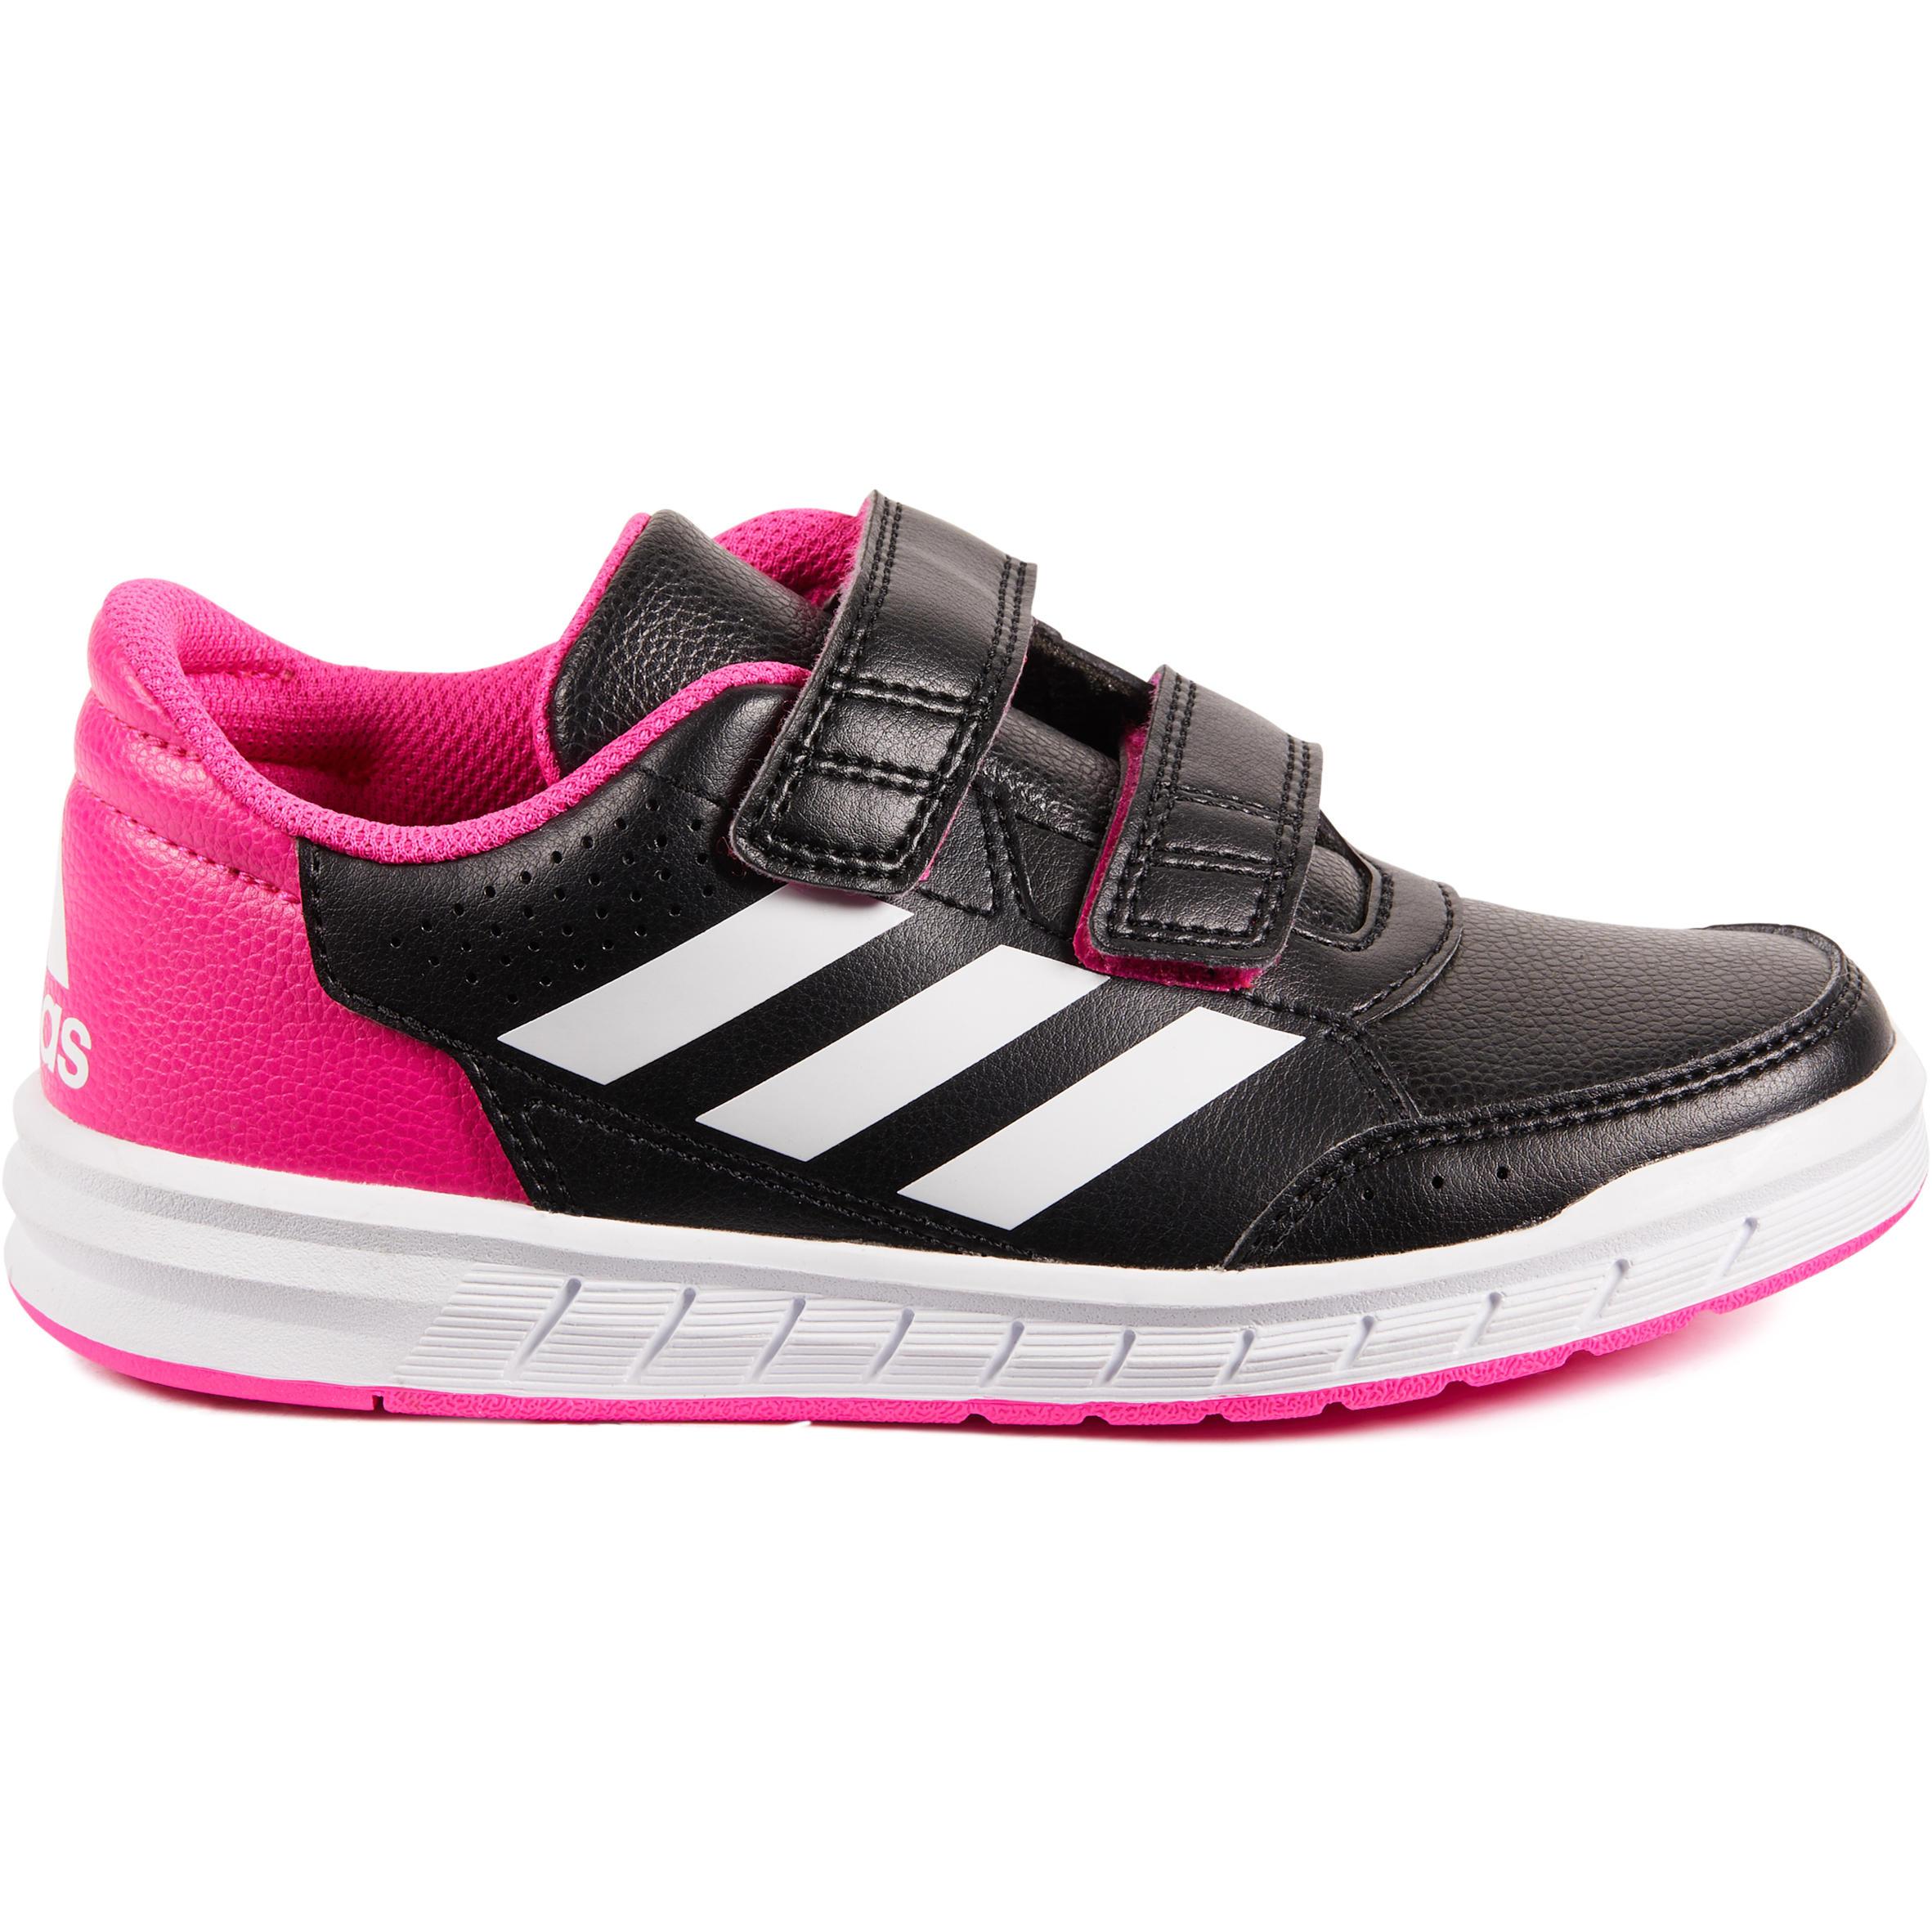 code promo 701a4 6ef42 Chaussures de Sport Enfant | Decathlon